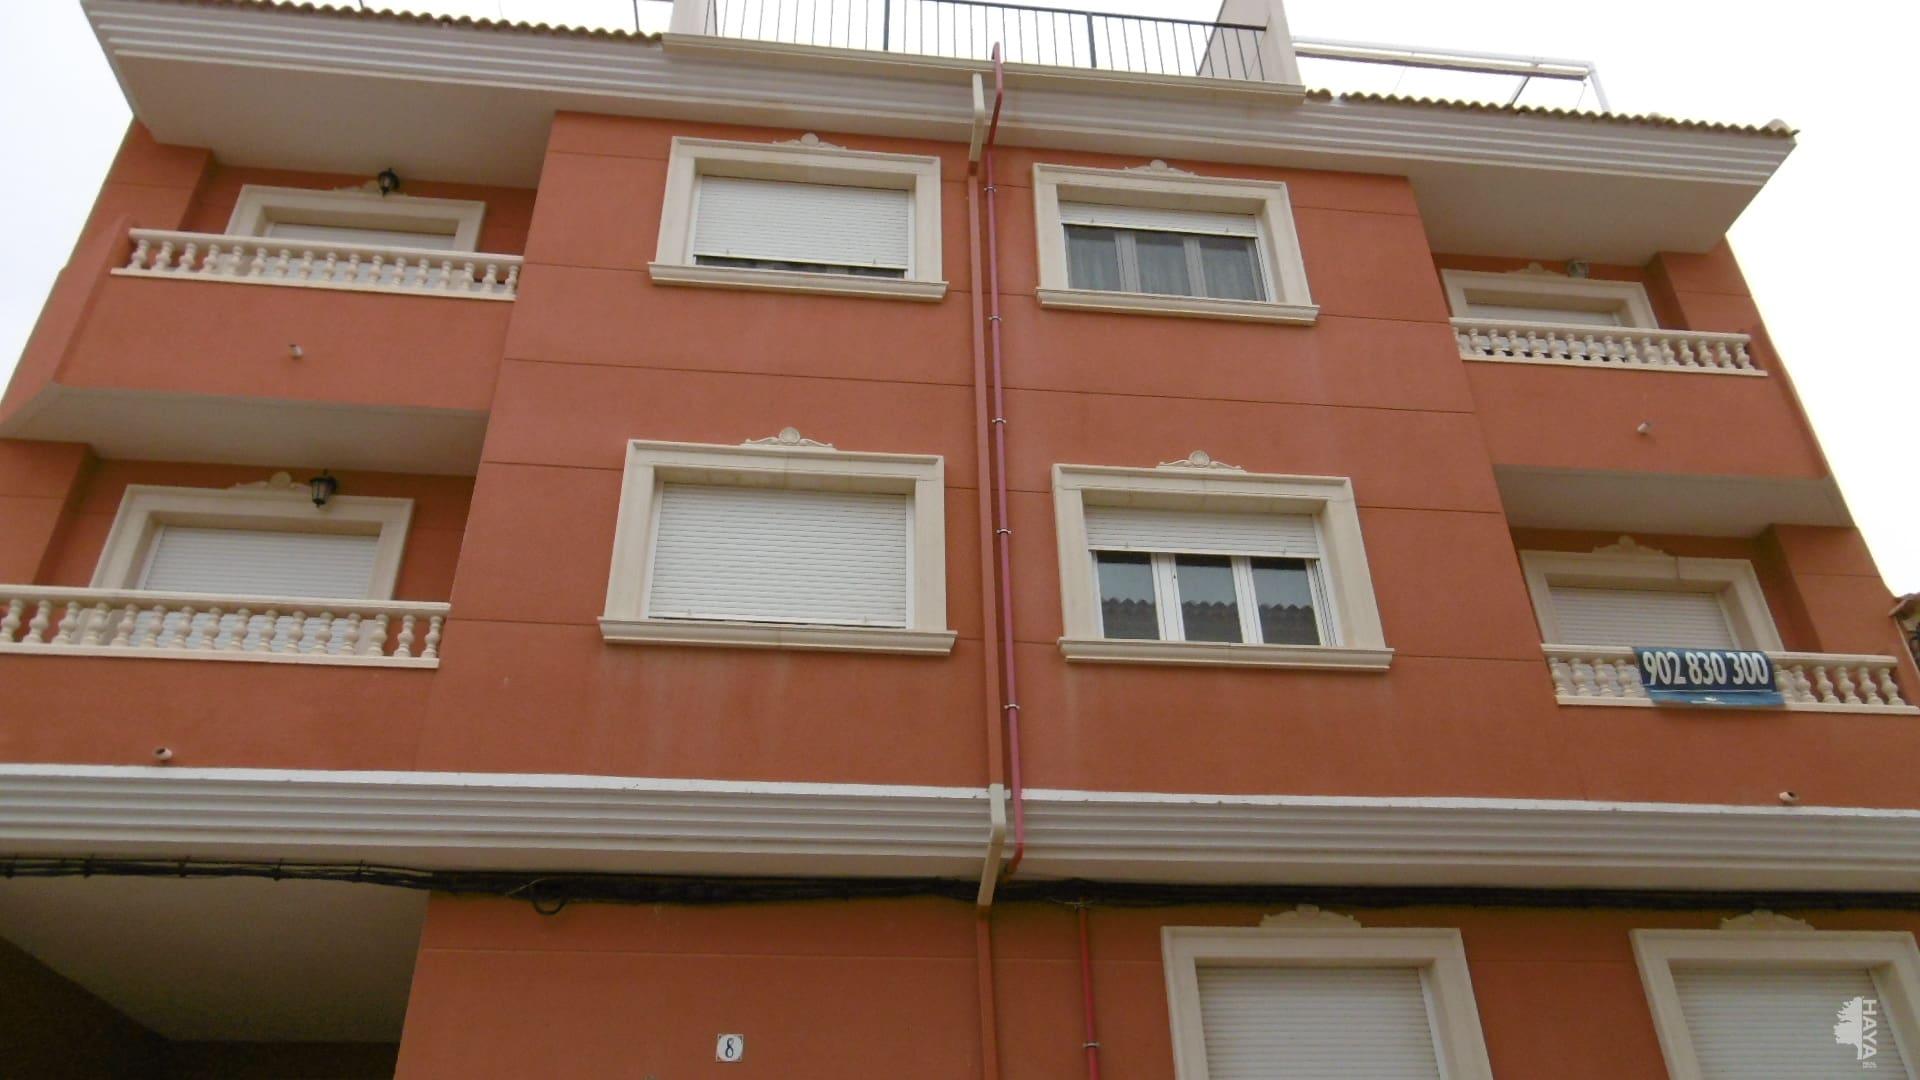 Piso en venta en Balazote, Albacete, Calle Cuesta del Rio, 86.939 €, 3 habitaciones, 2 baños, 114 m2